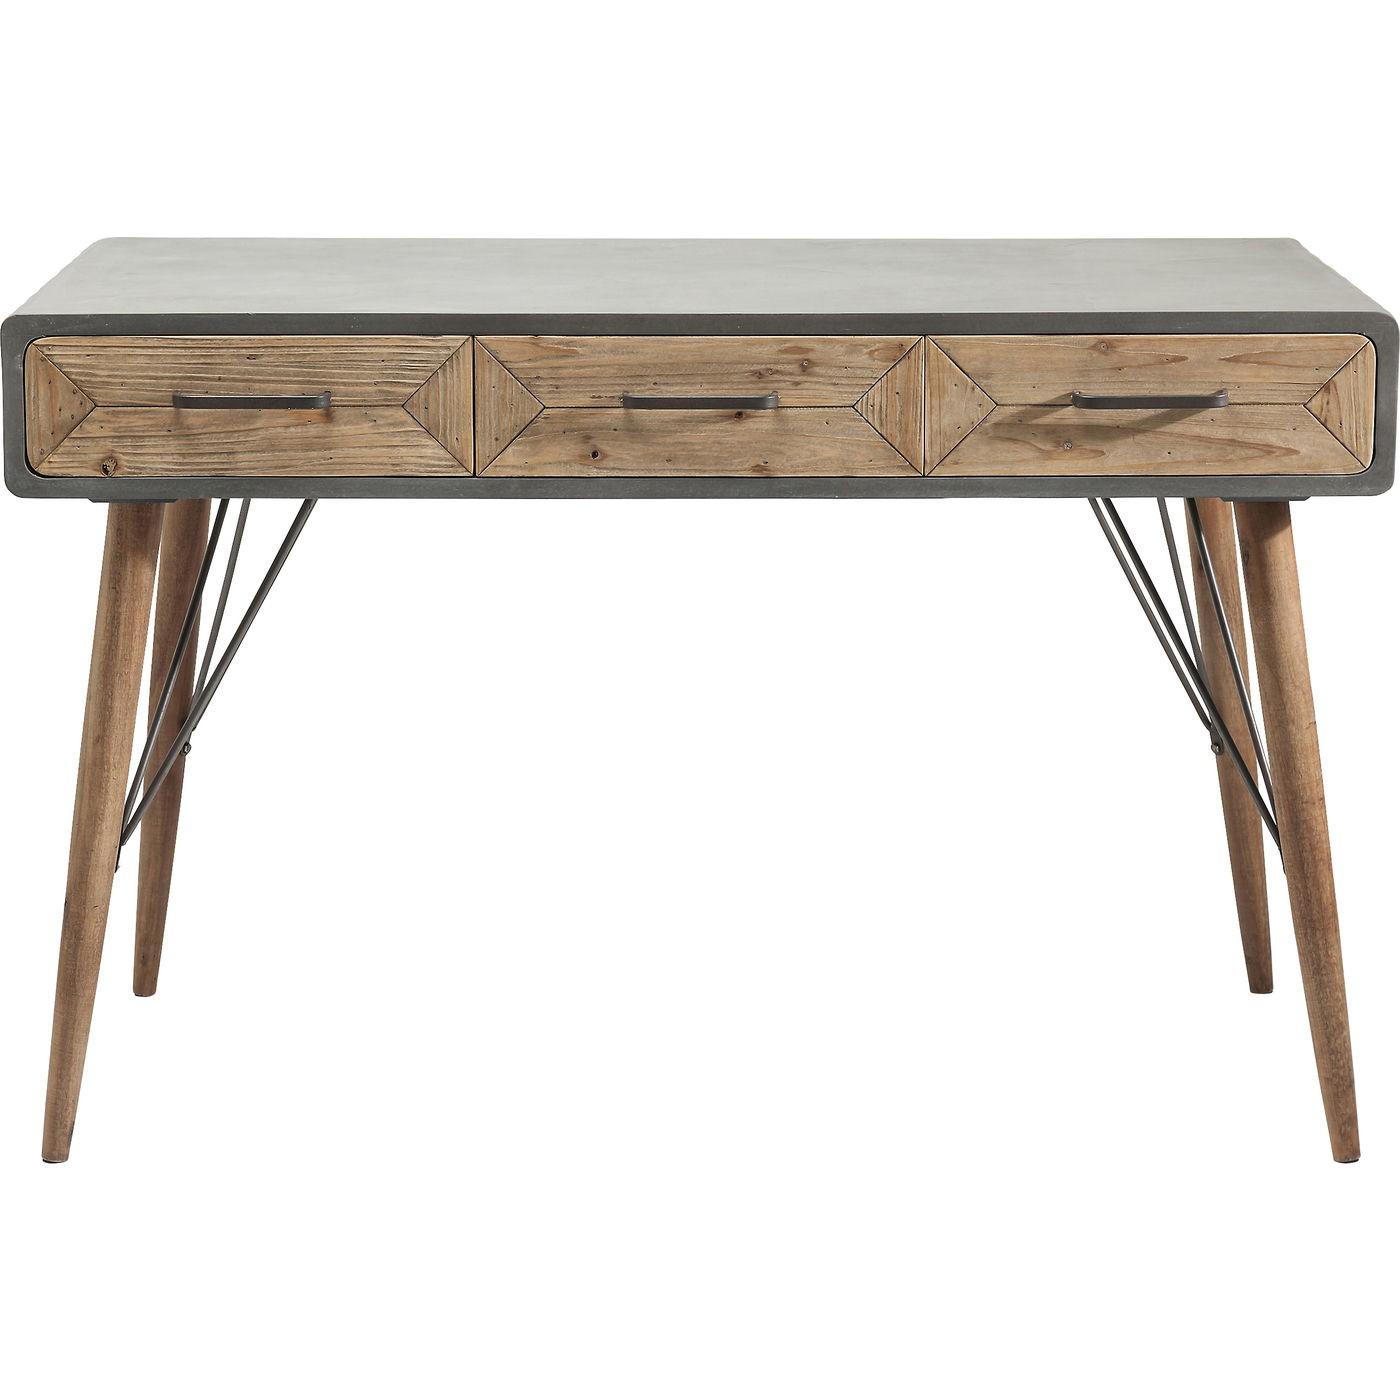 Bureau 3 tiroirs industriel en bois imitation béton gris